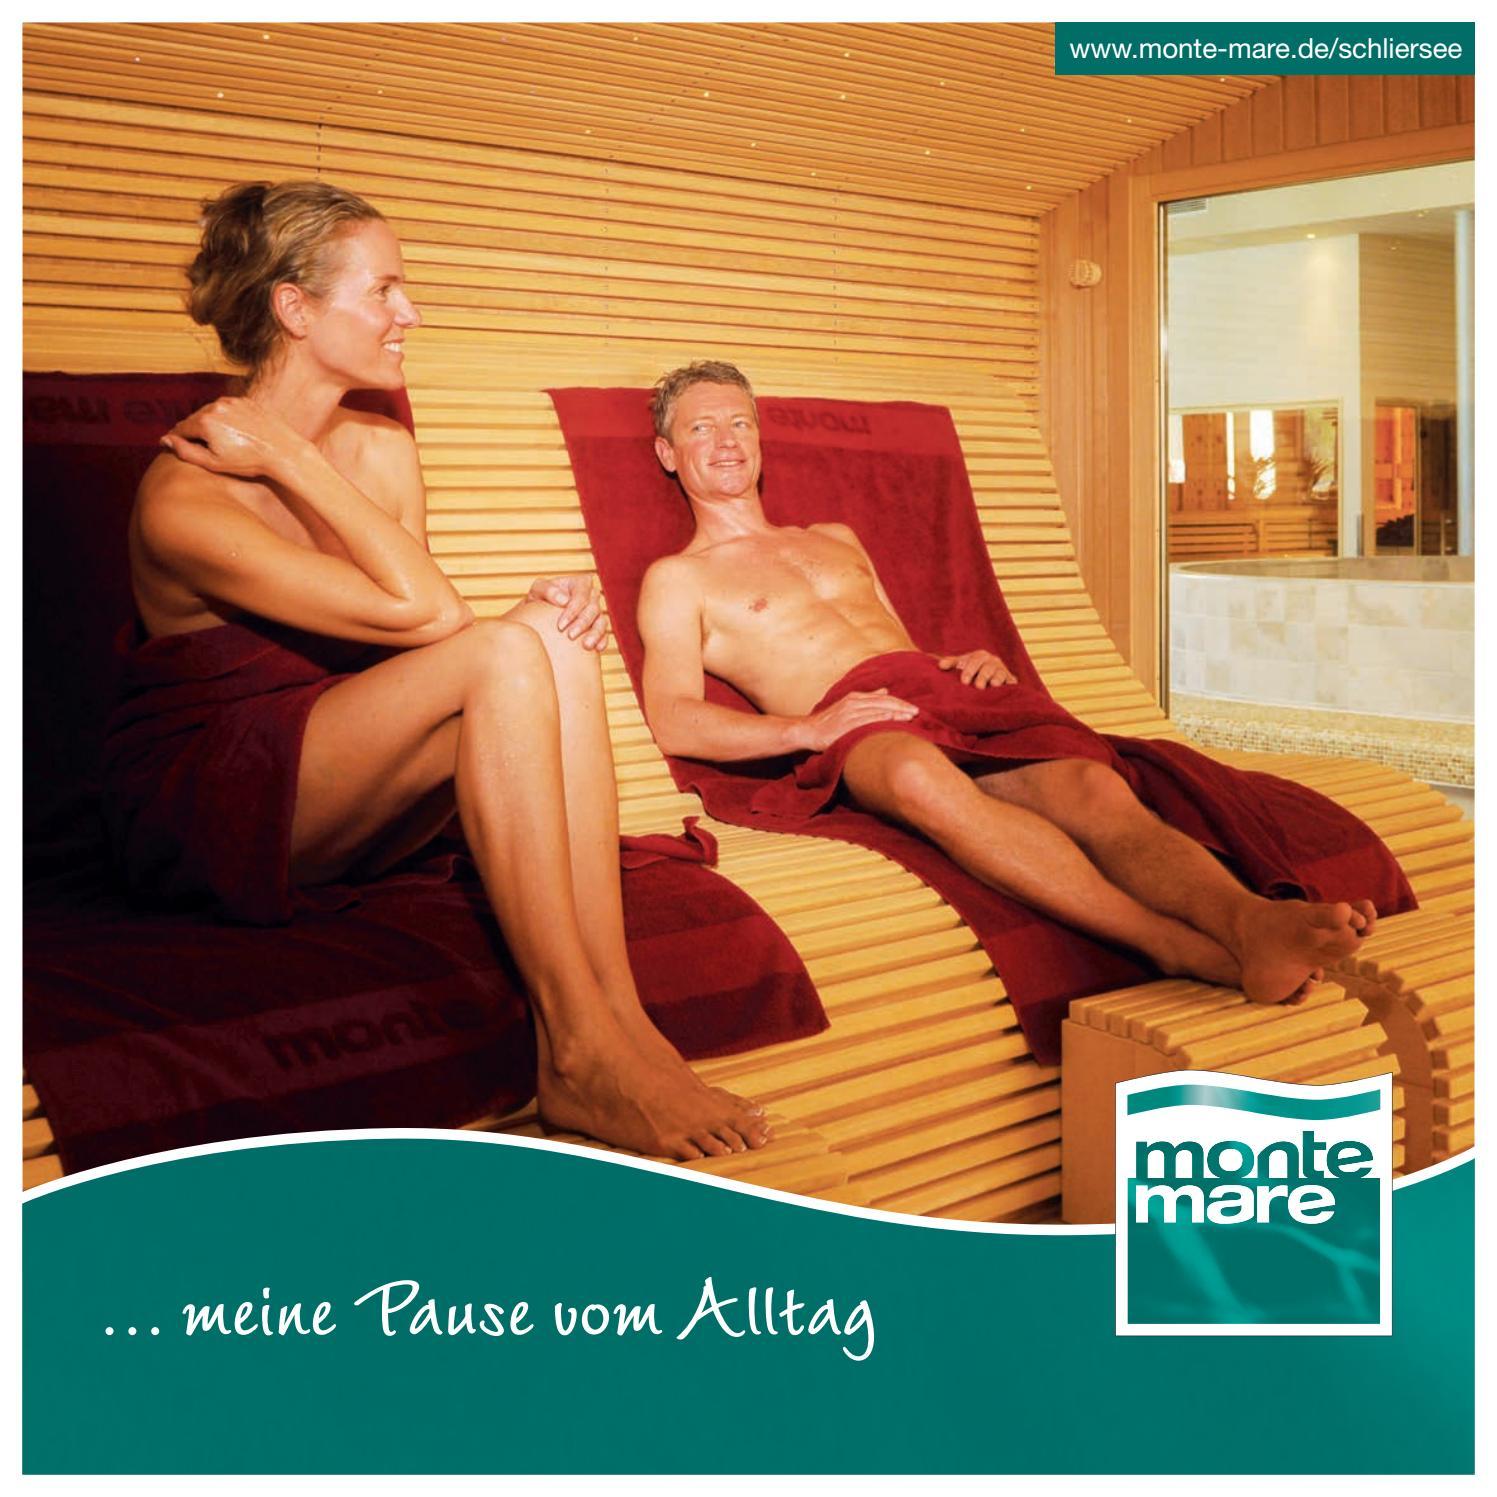 monte mare Schliersee Sauna- & Wellnesswelt